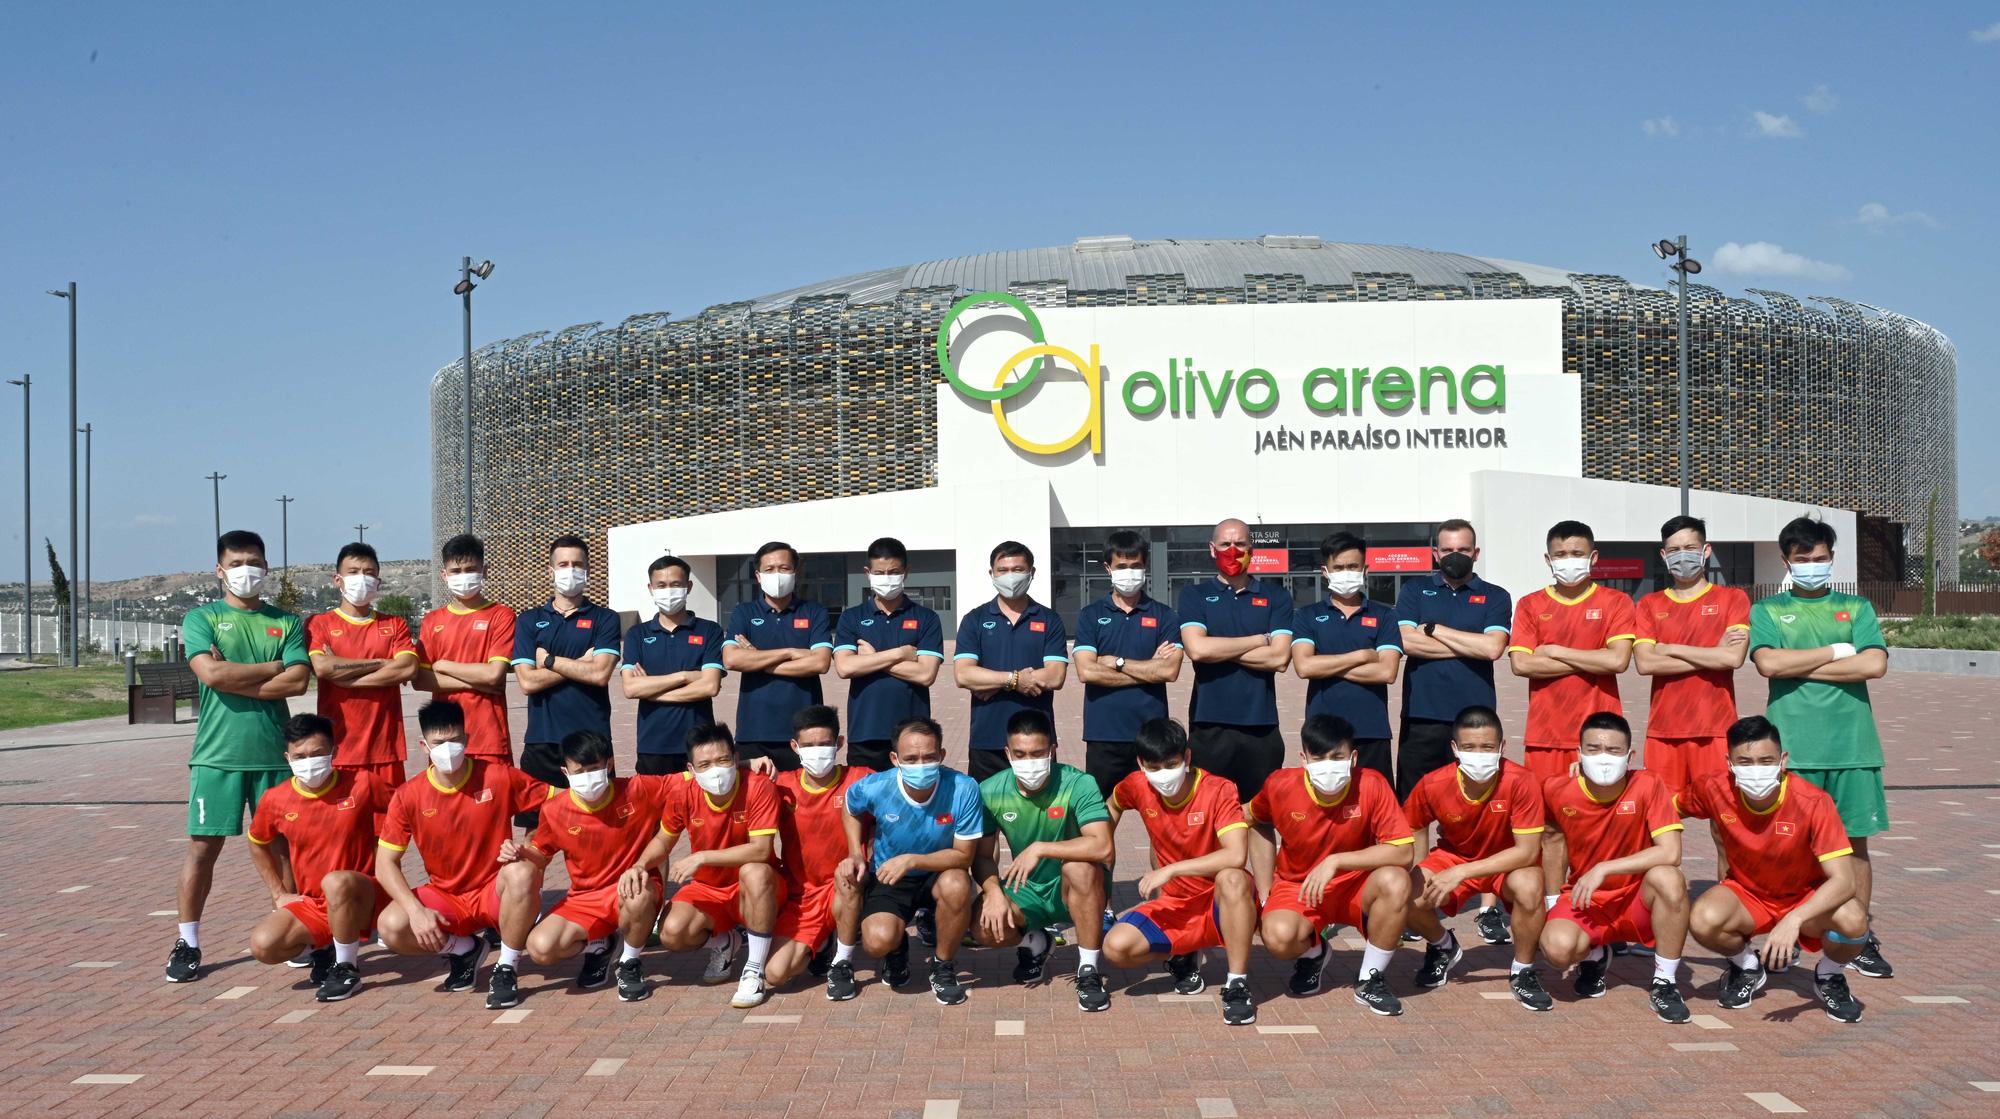 Đội tuyển futsal Việt Nam trong buổi tập đầu tiên tại Tây Ban Nha - Ảnh 1.